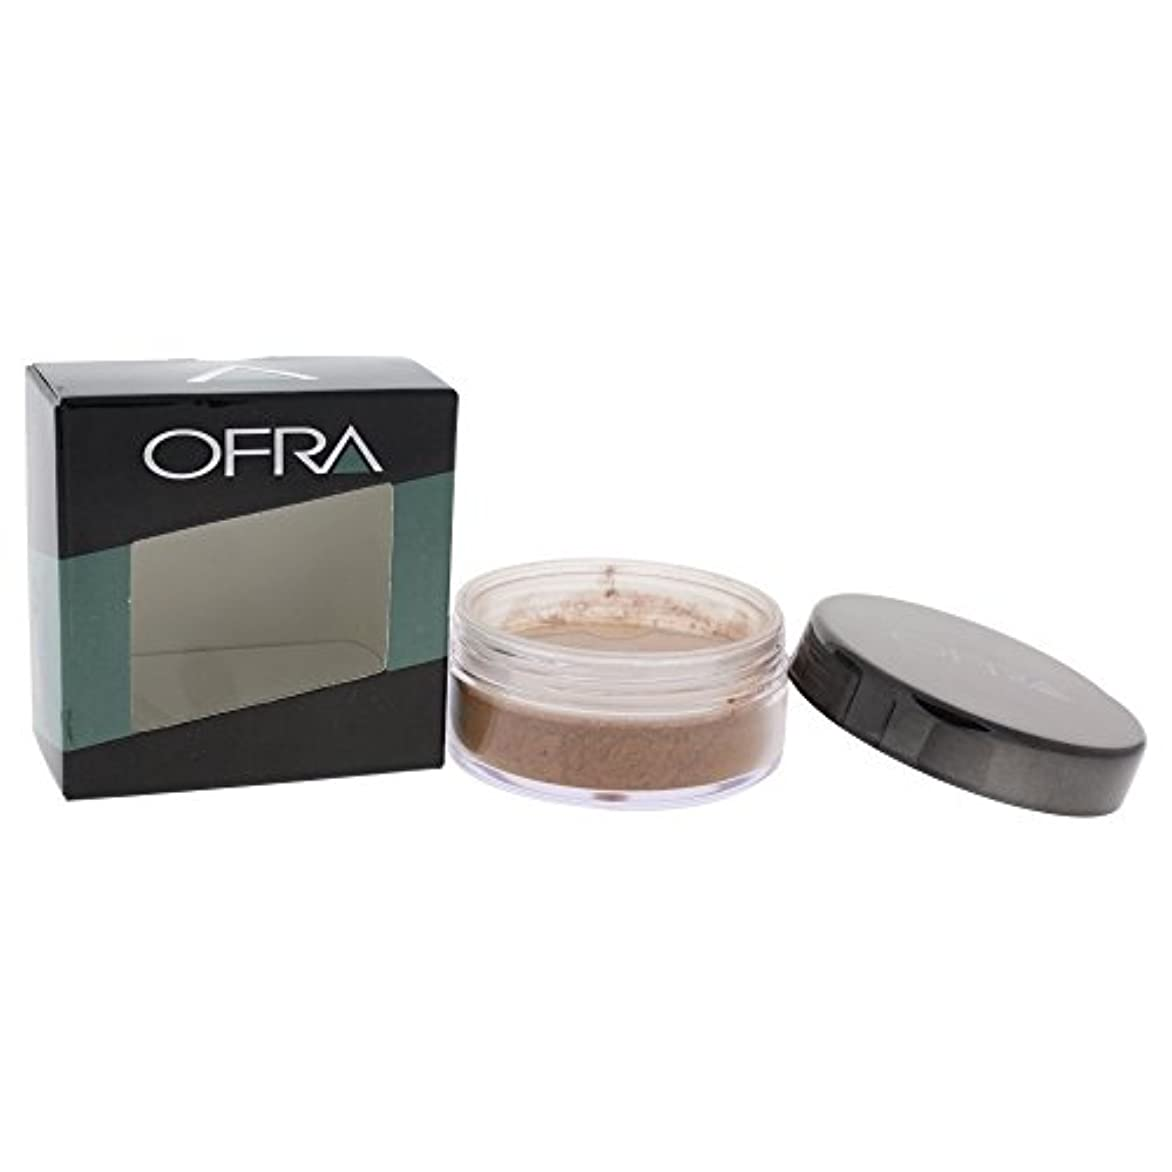 四面体マーキングオゾンDerma Mineral Makeup Loose Powder Foundation - Terracotta